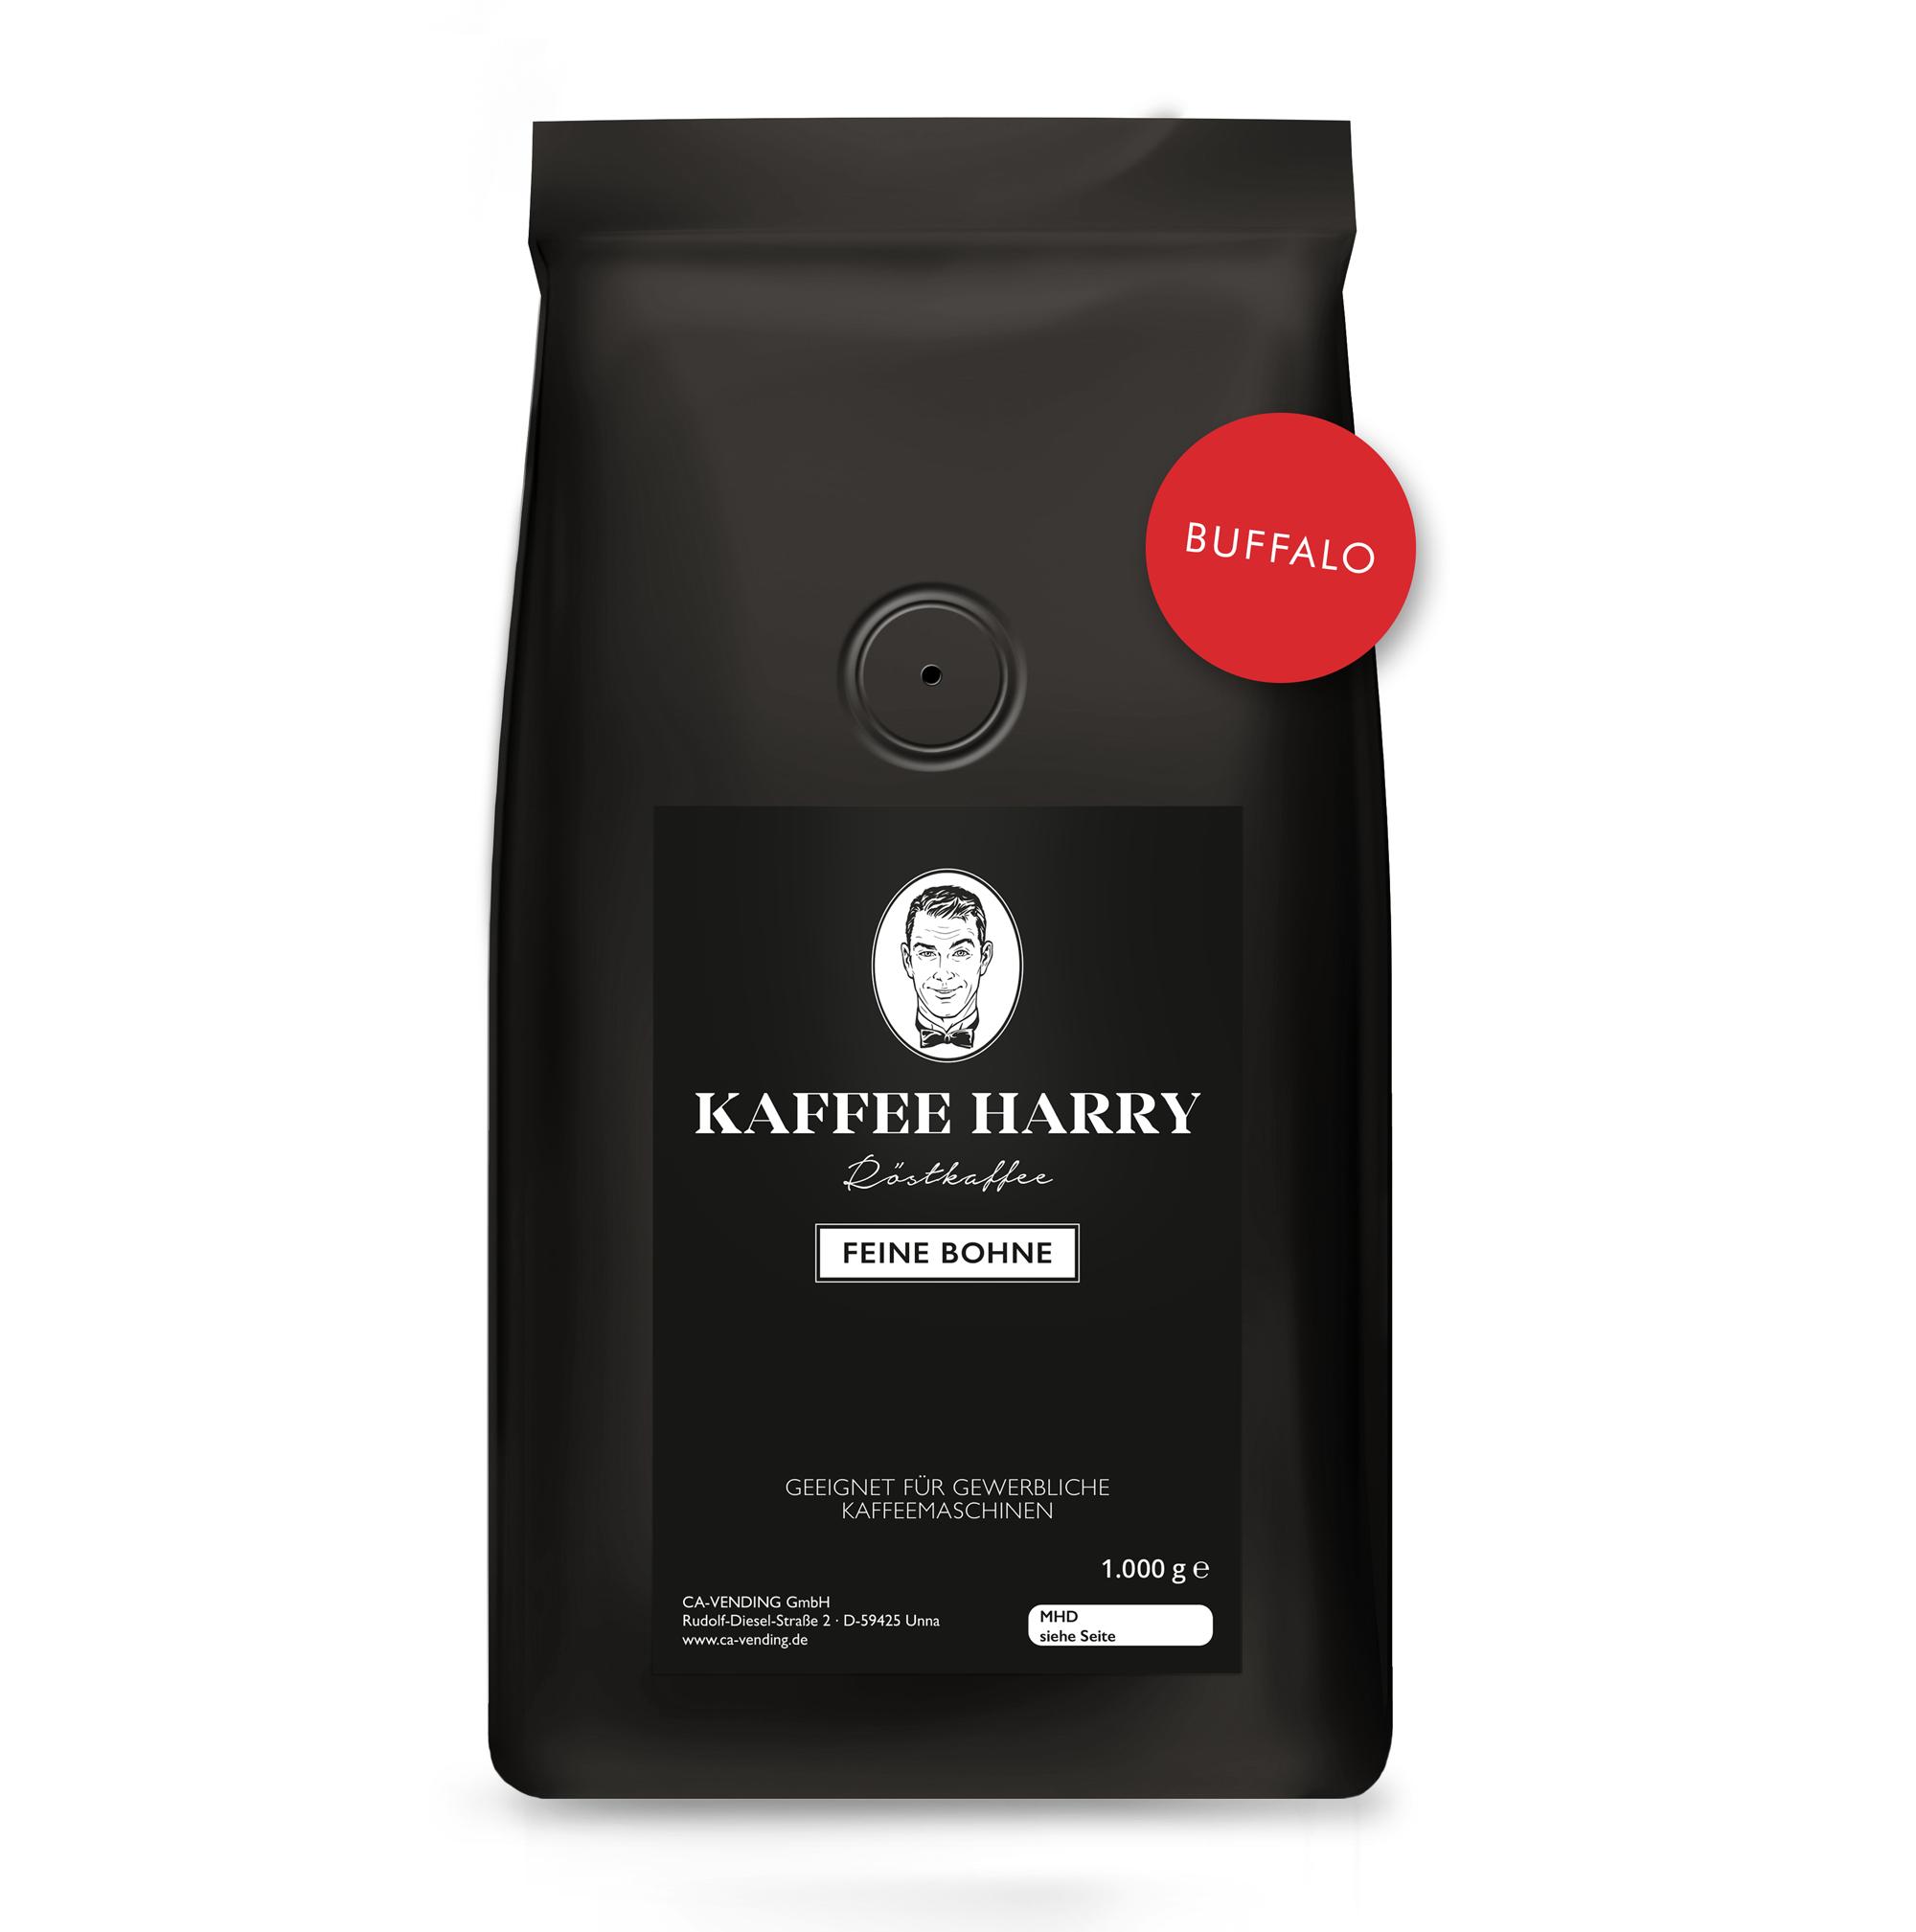 Kaffee Harry - Buffalo